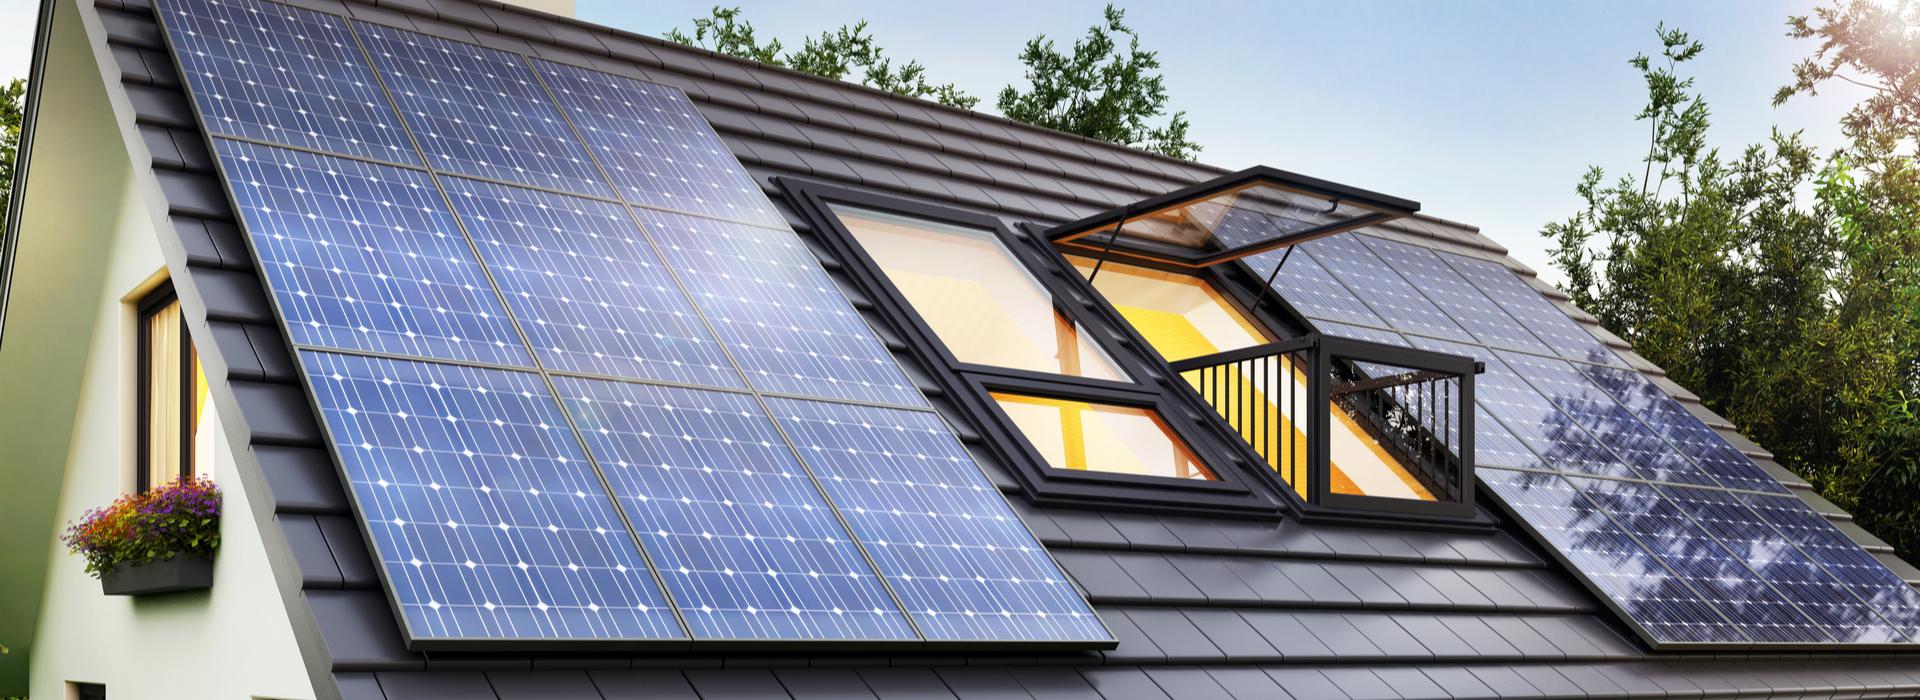 Solarpanels EFH